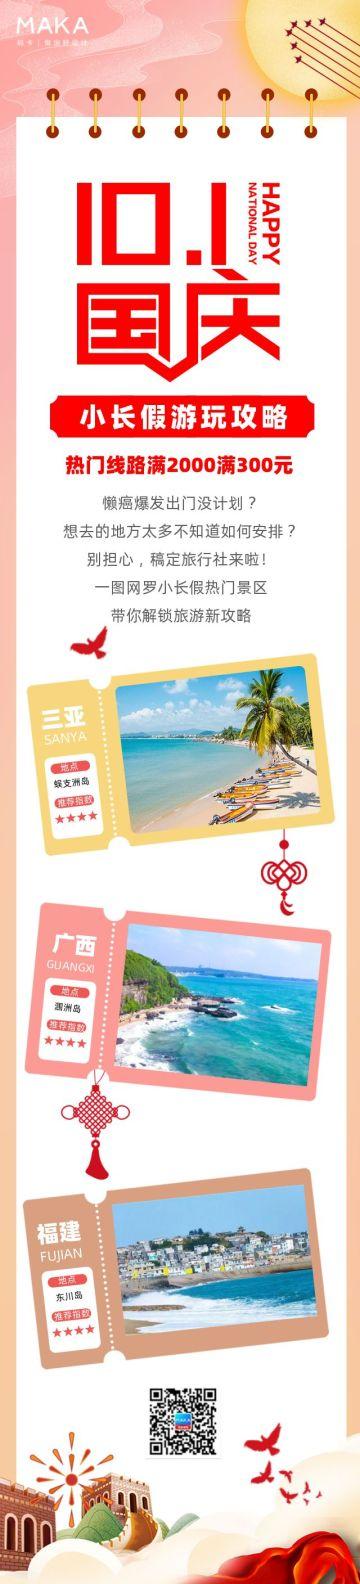 小长假海岛游玩攻略 一图带你解锁热门景区